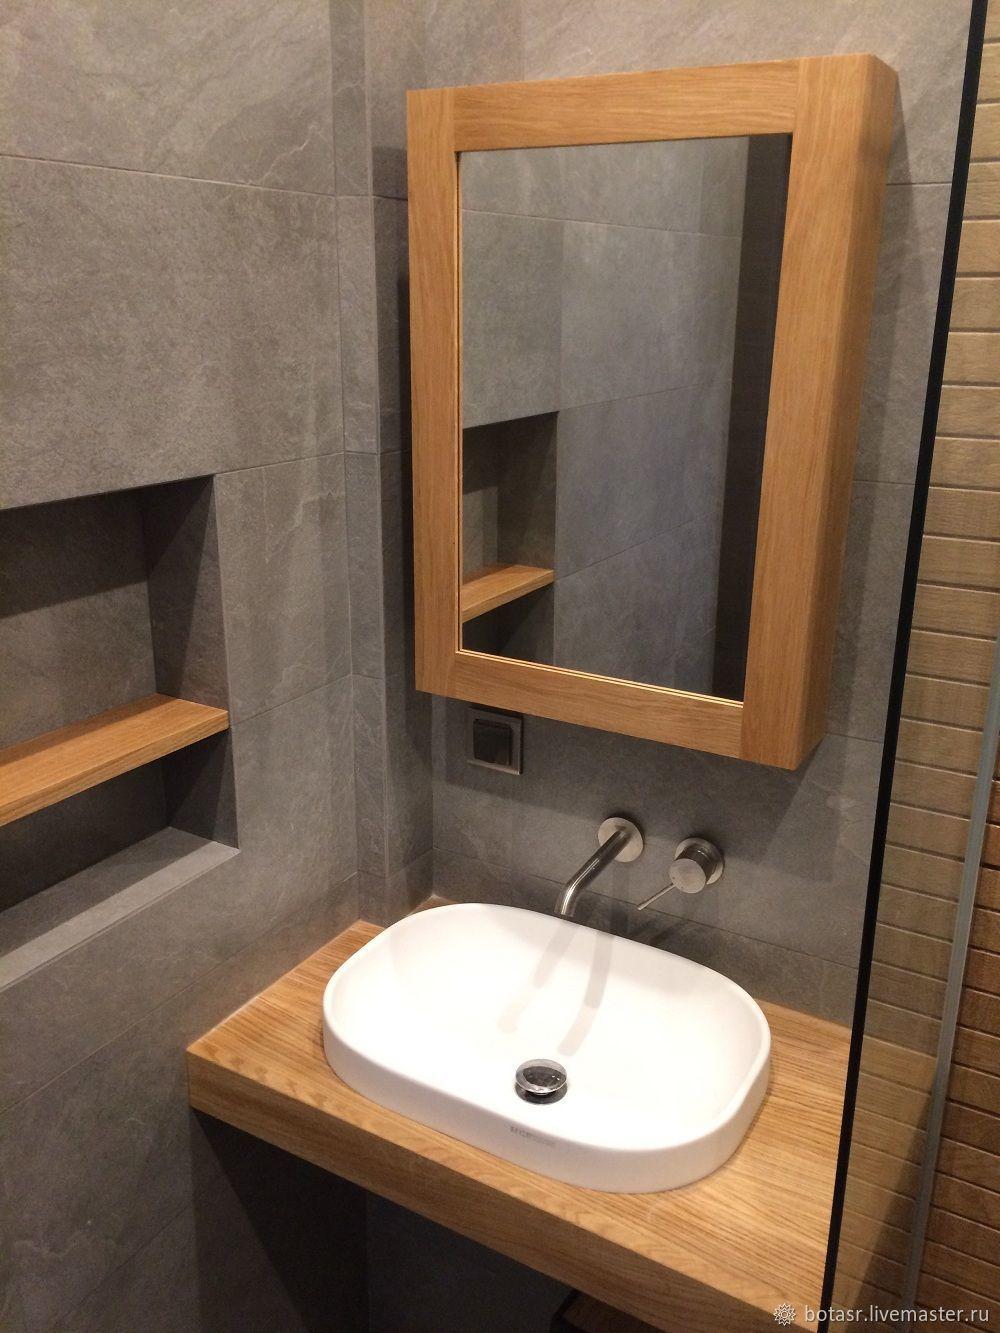 Шкафчик с зеркалом для ванной своими руками фото 320